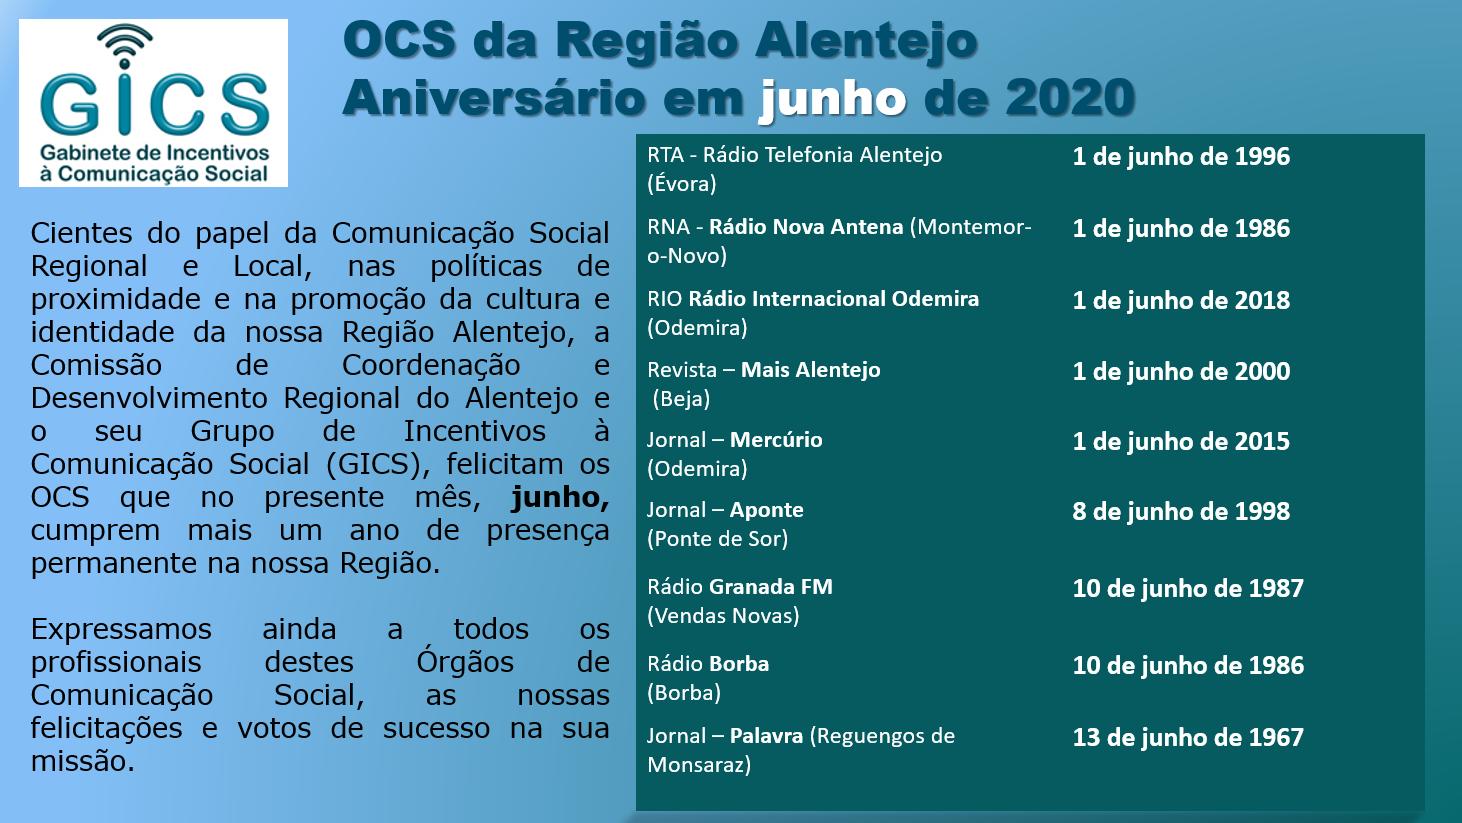 Aniversário em junho 2020 OCS da Região Alentejo